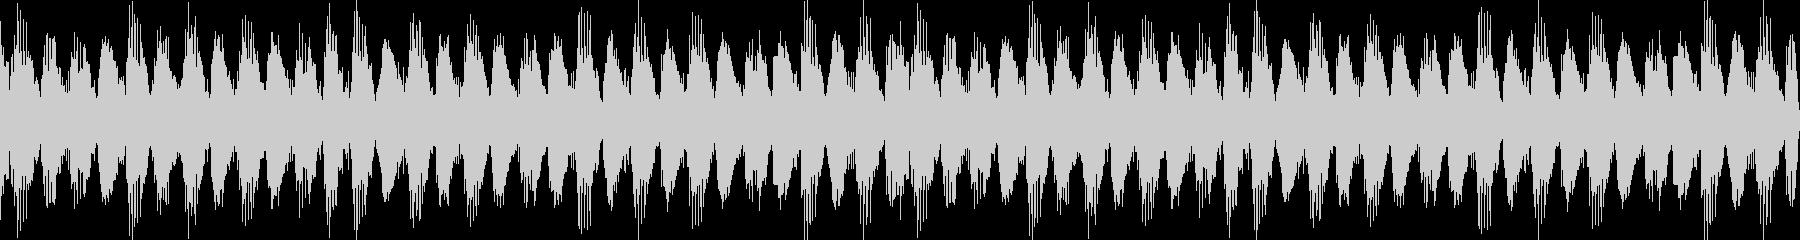 4分打ちEDM風ループ音源ですの未再生の波形